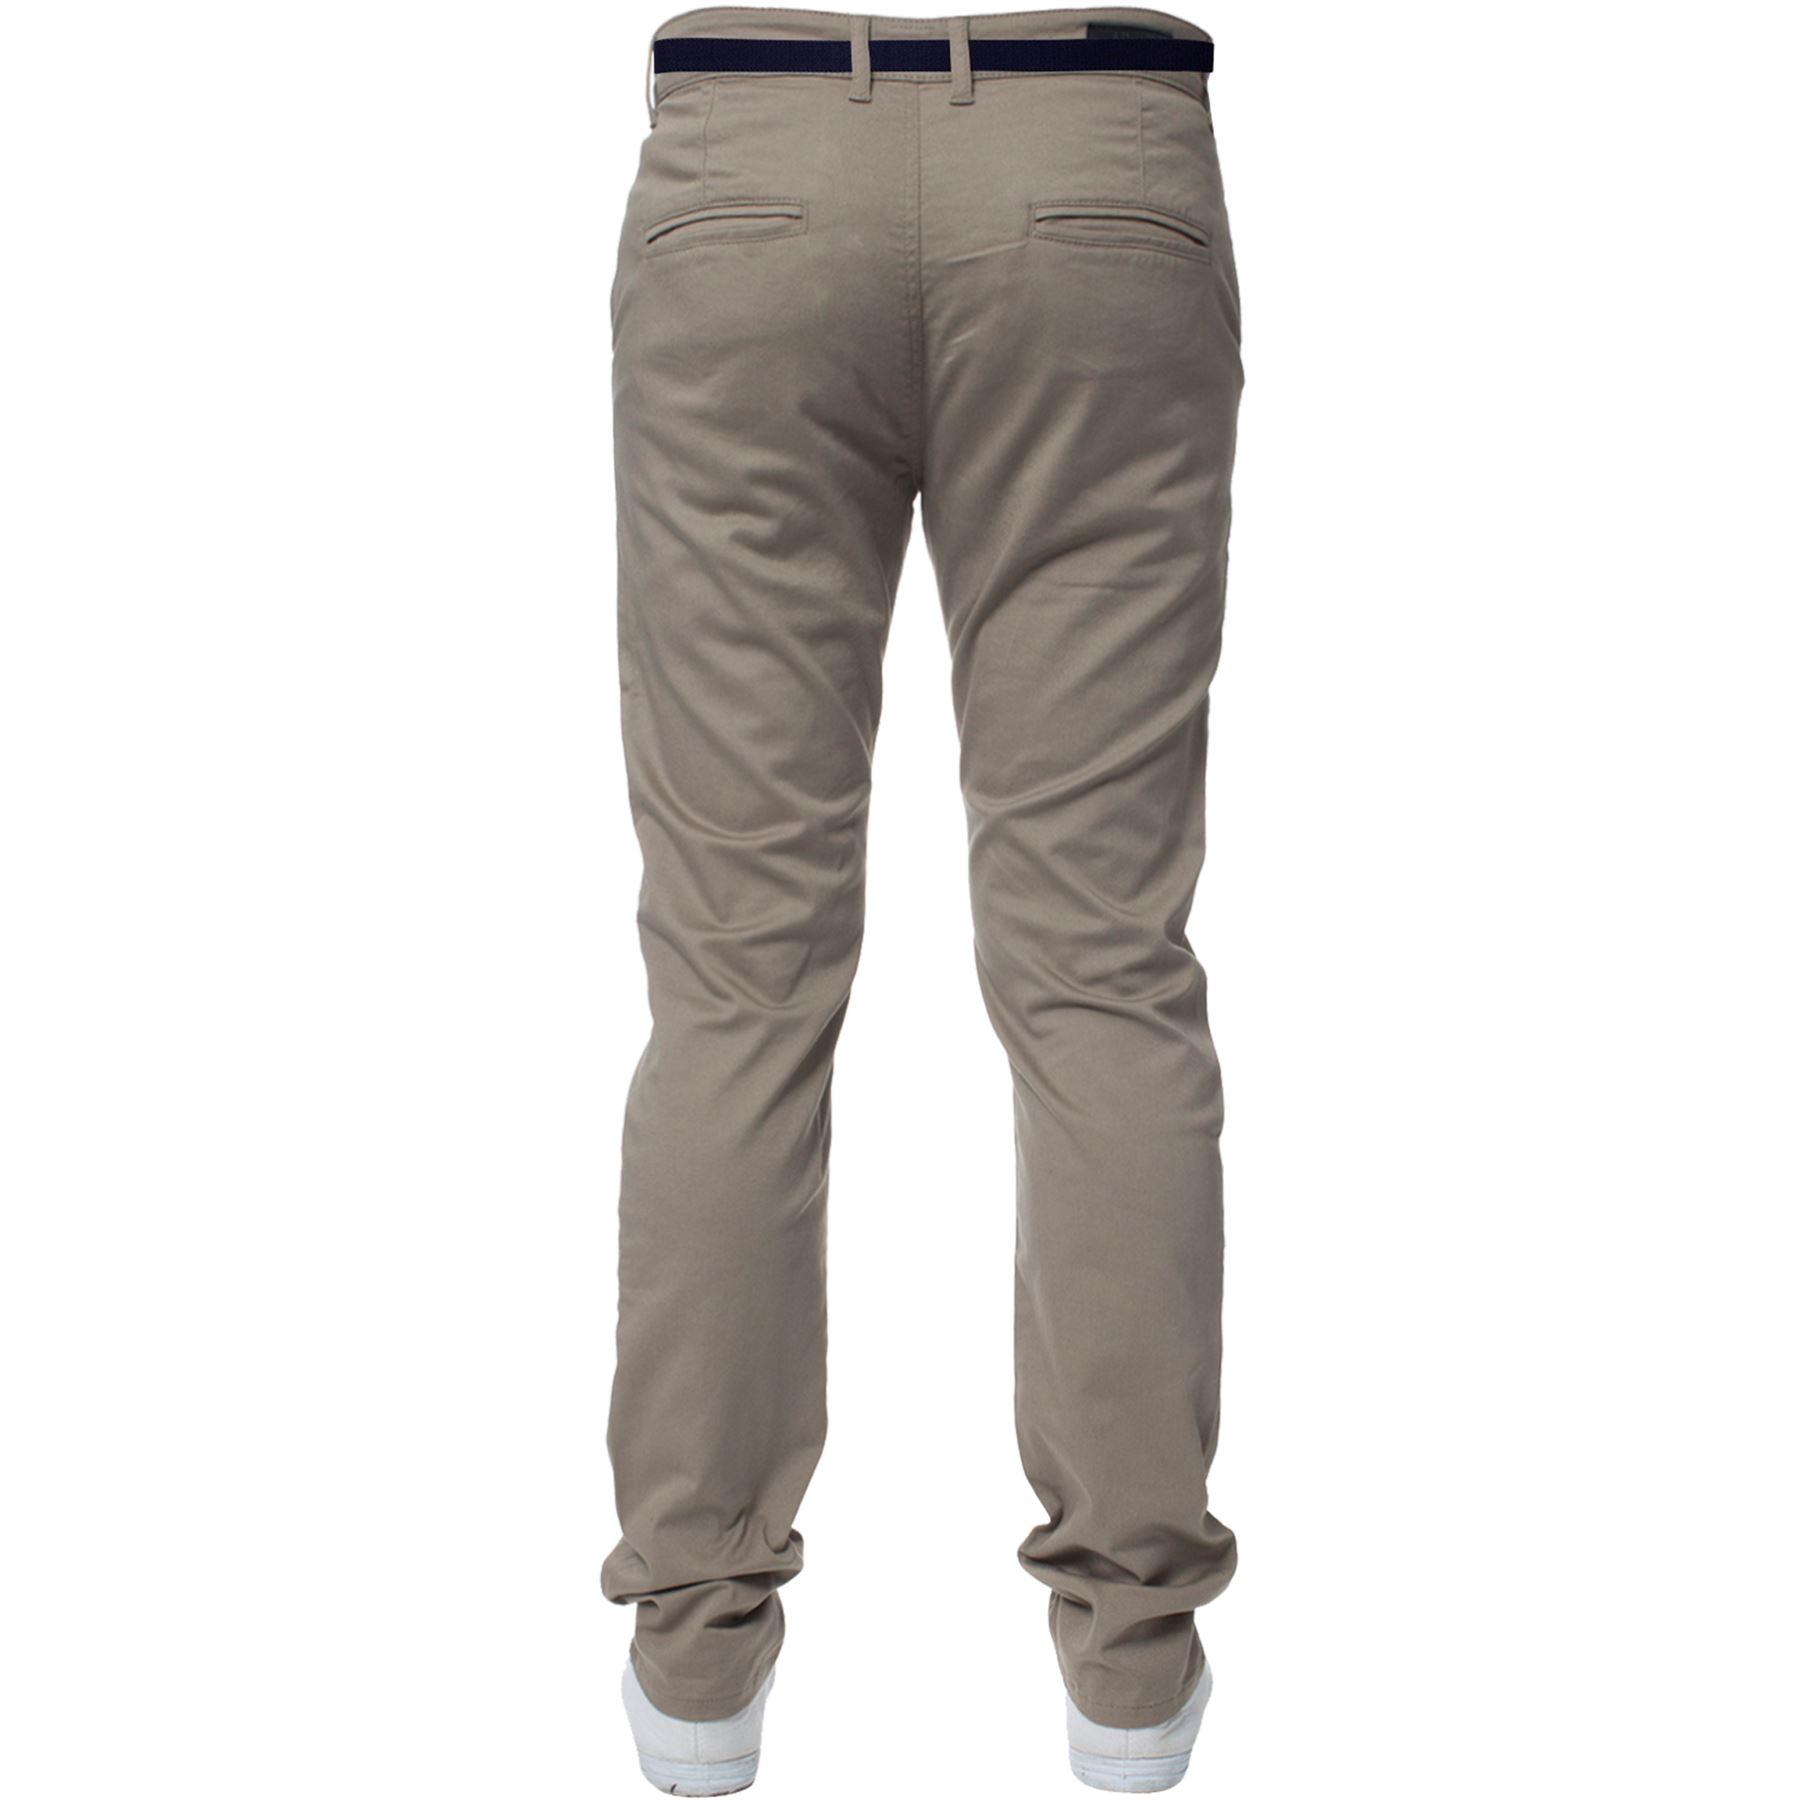 ENZO-Para-Hombres-Pantalones-Slim-Fit-Algodon-Elastico-Pantalones-Chinos-Con-Cinturon-BIG-amp-TALL miniatura 3